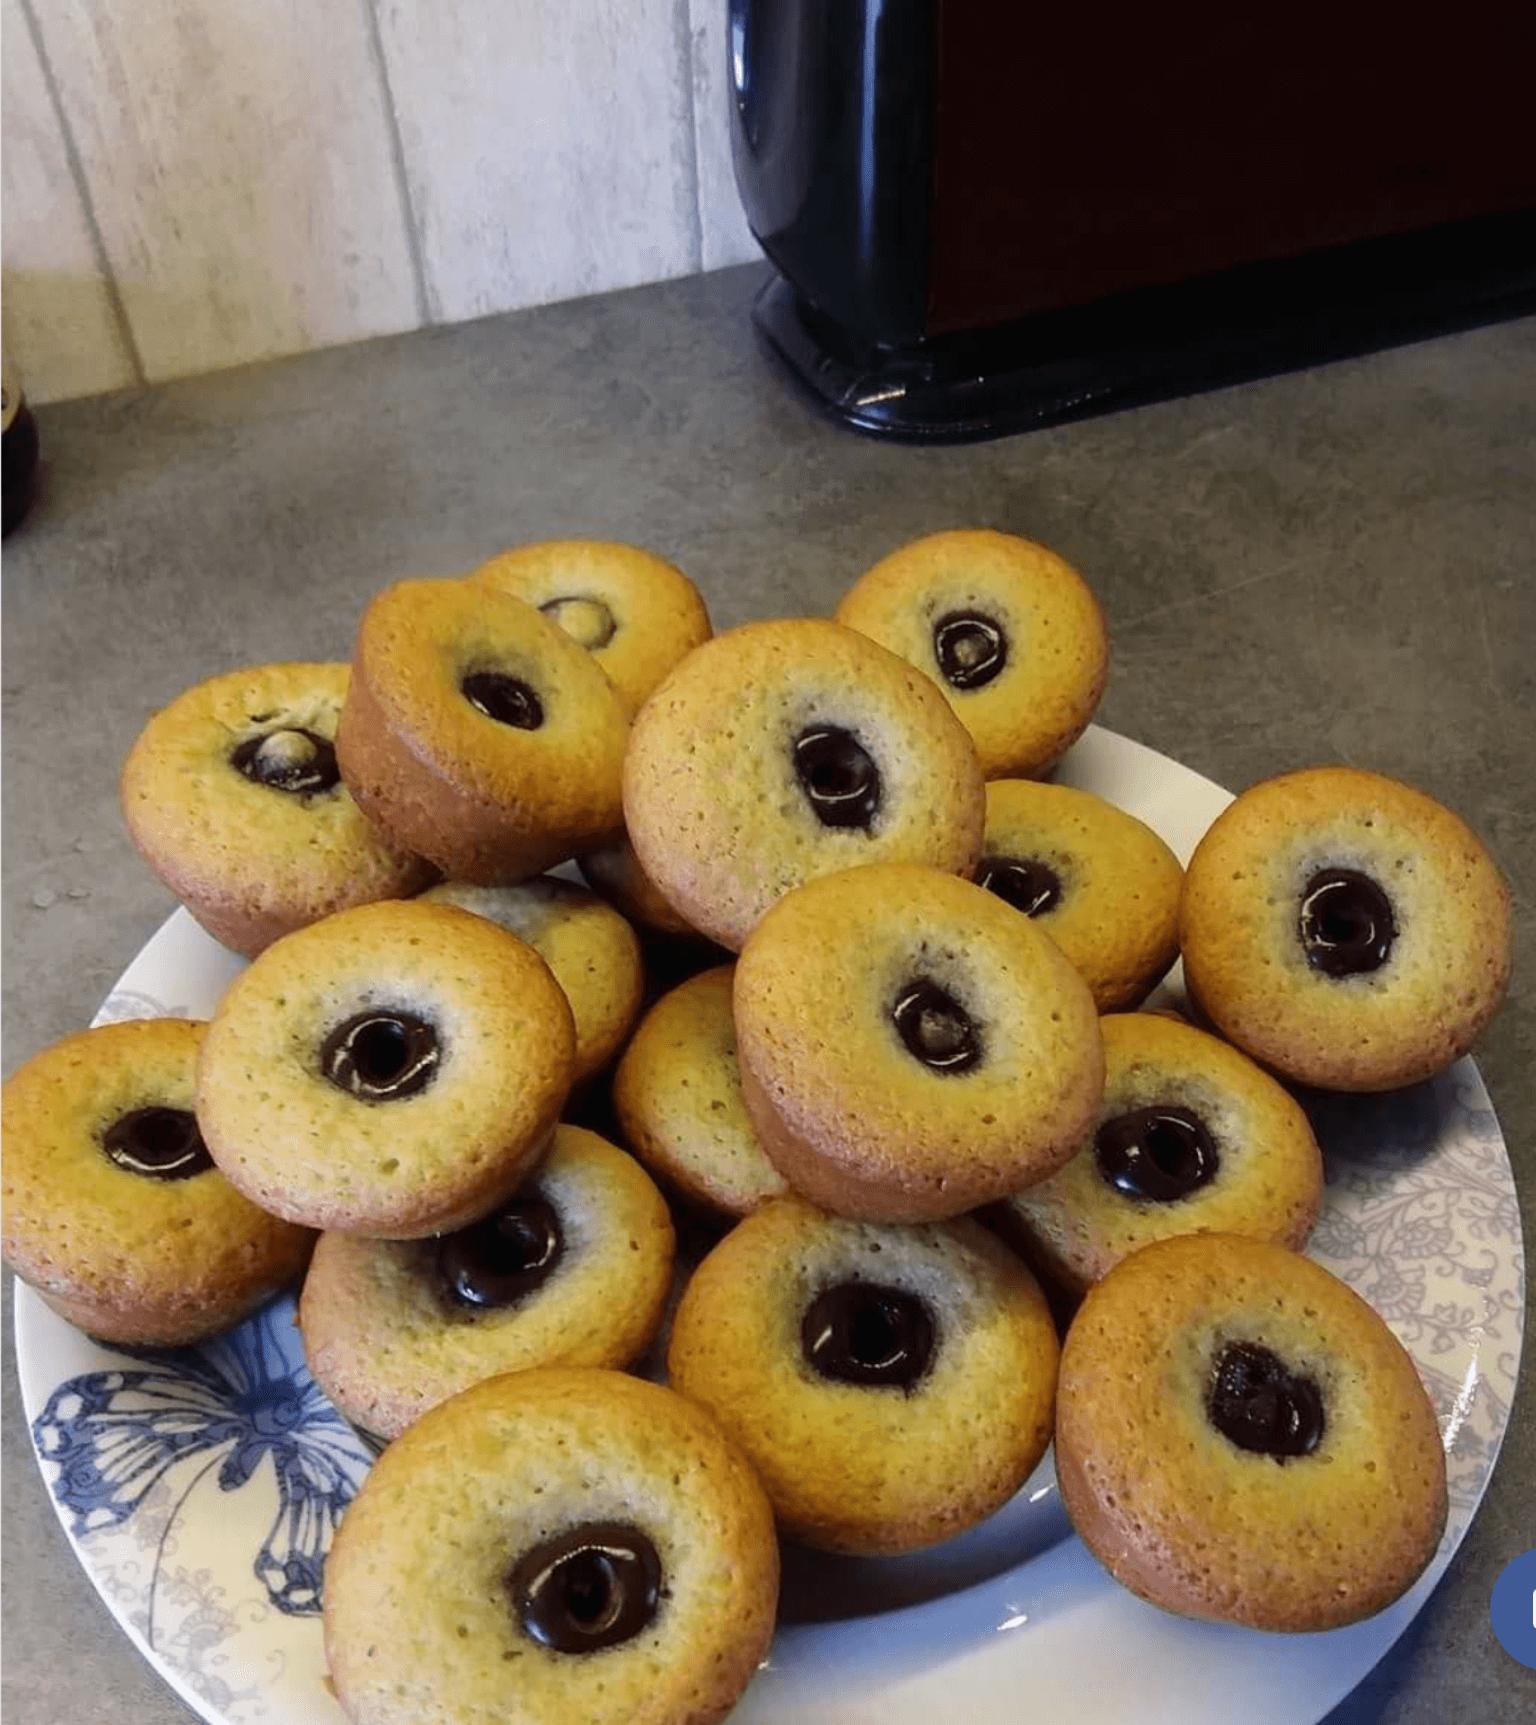 muffins la cerise des petits gateaux fourr s d licieux les recettes de cuisine et mets. Black Bedroom Furniture Sets. Home Design Ideas